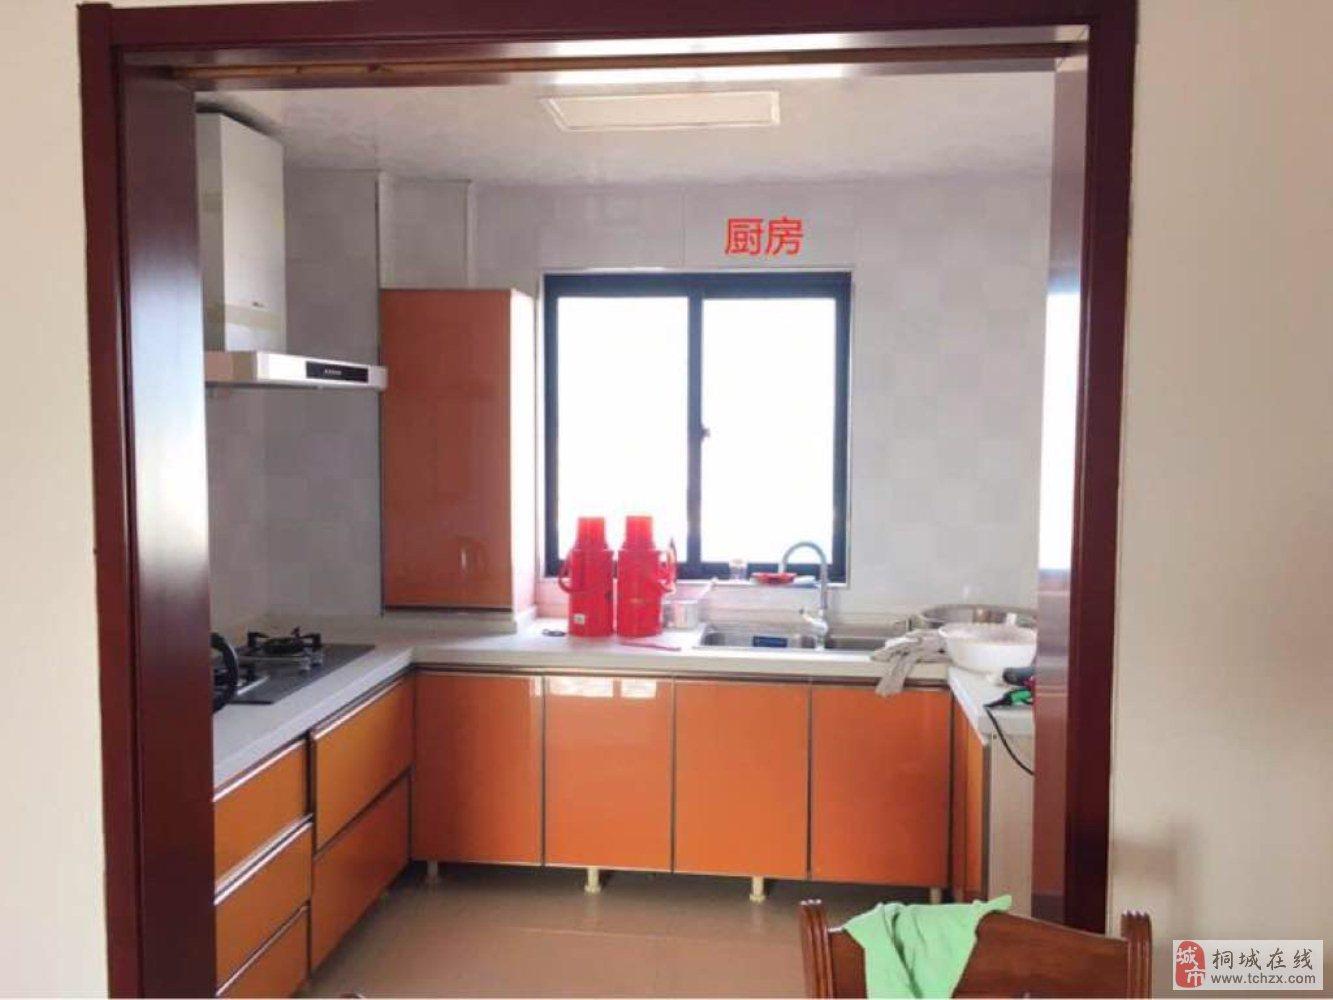 新东方世纪城3室2厅1卫80万元急售